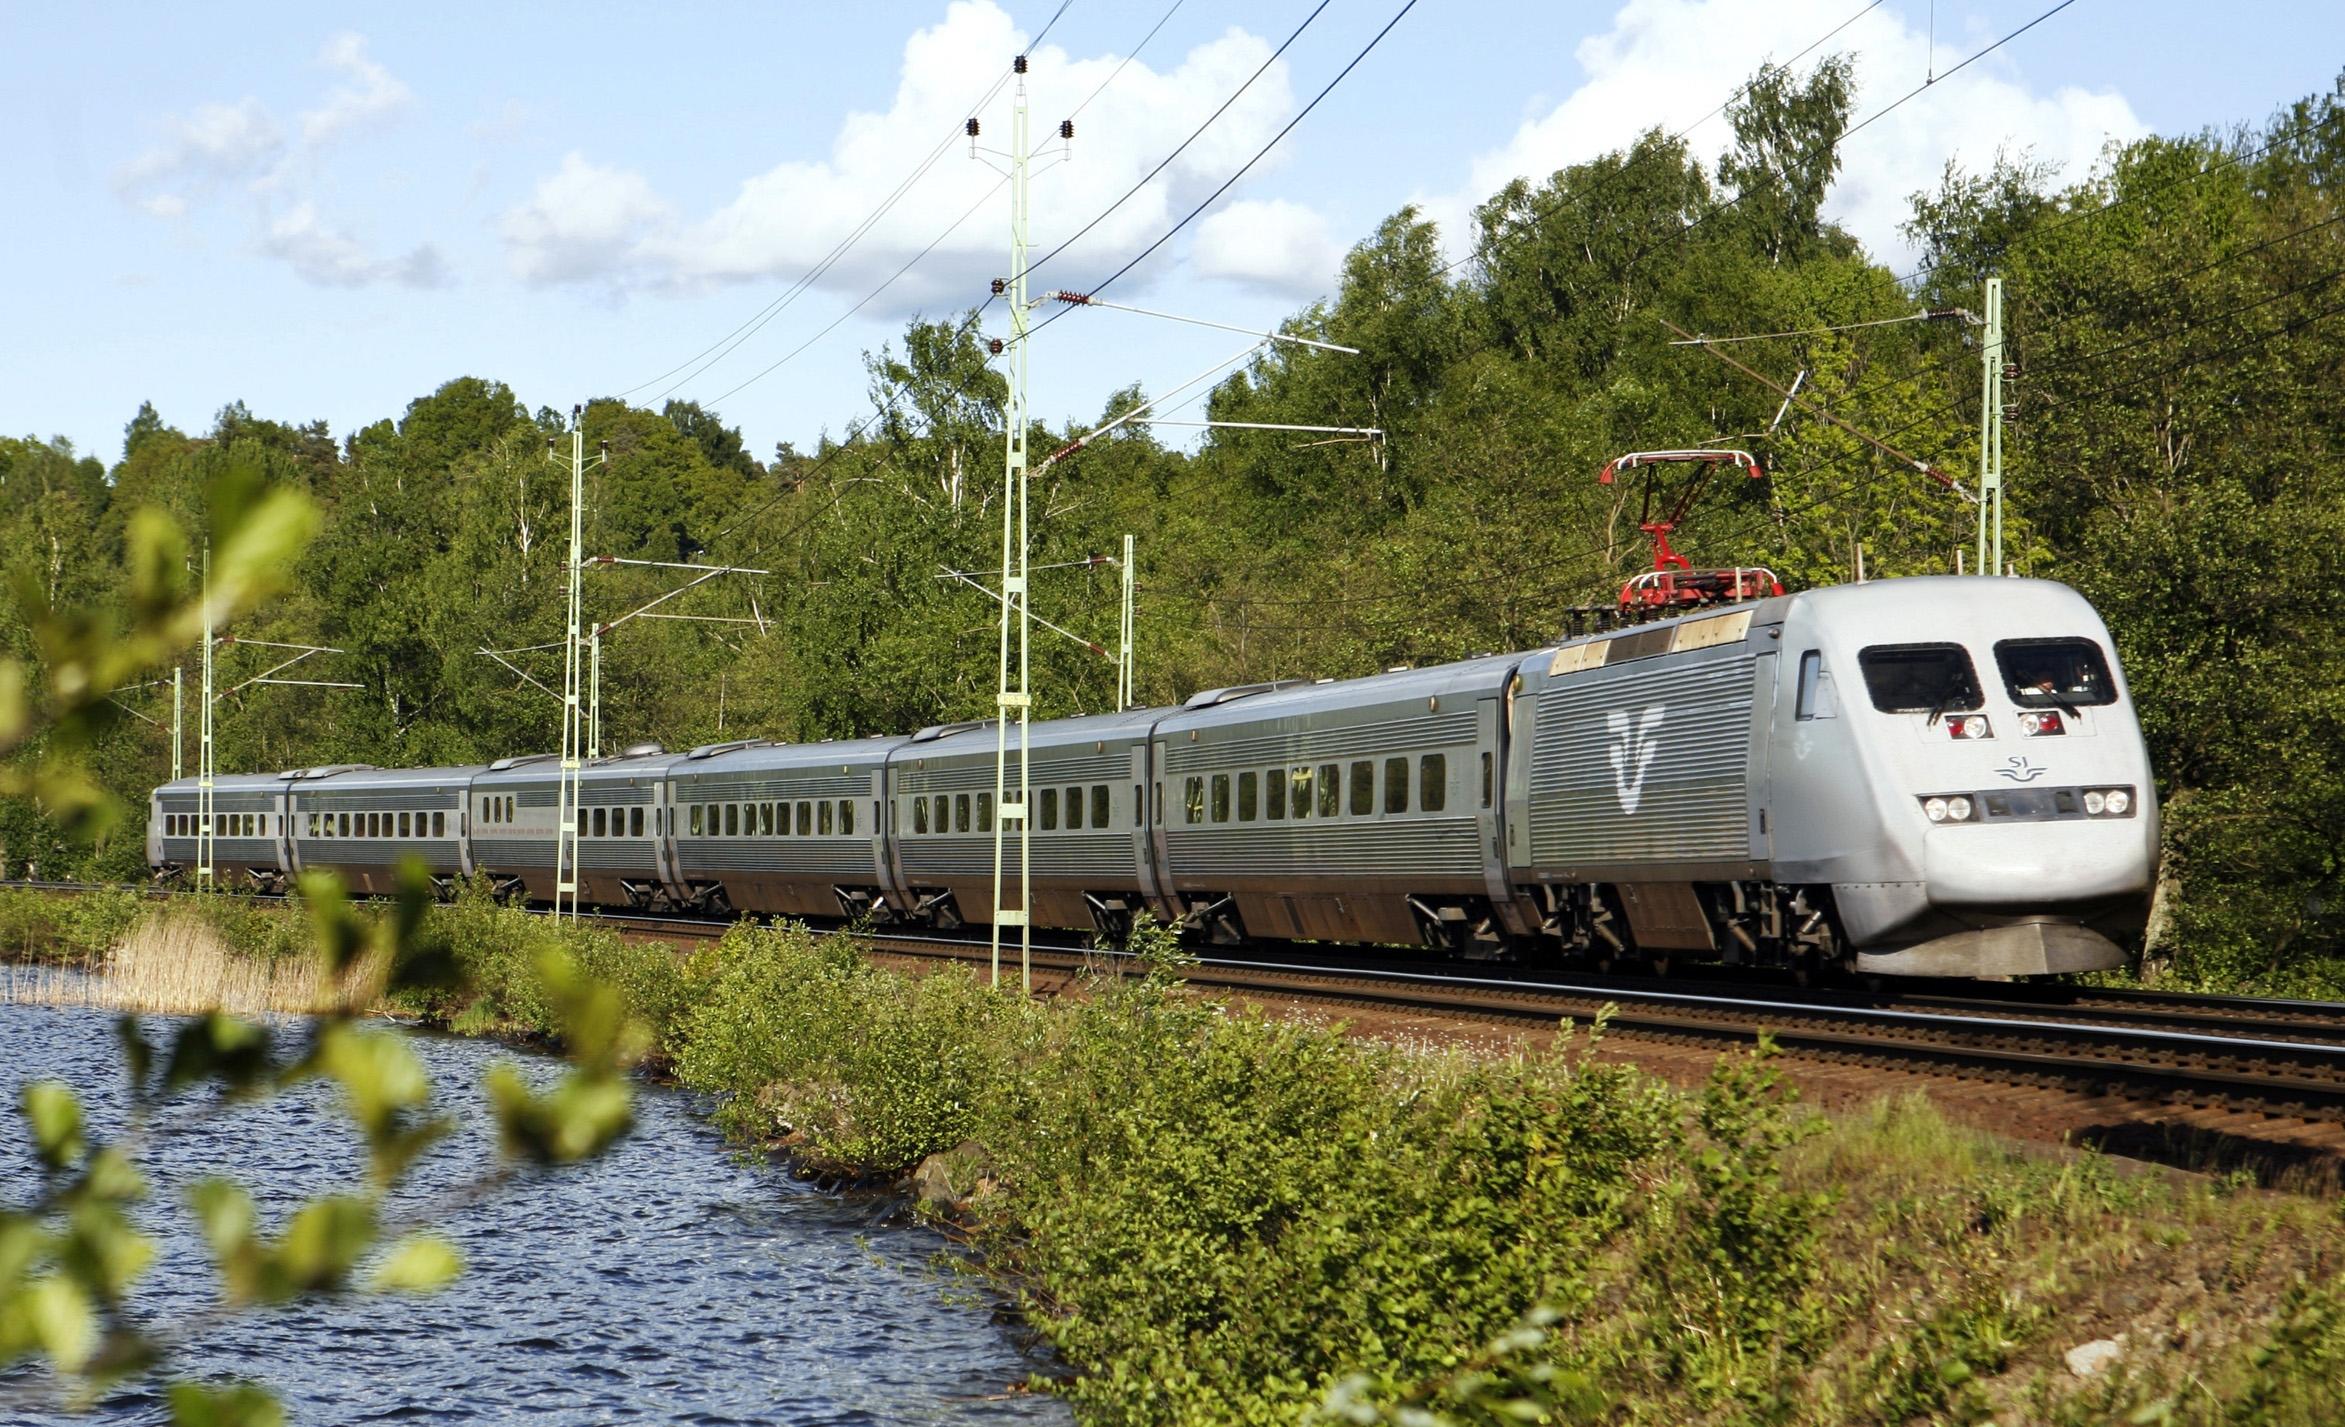 Det svenske DSB vil øge betjeningen mellem Stockholm og København. Foto: Kasper Dudzik for Svenska Jernvägar.